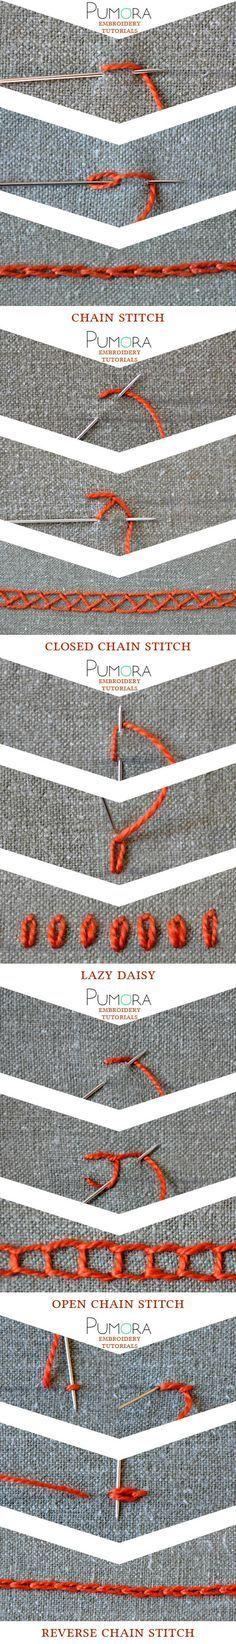 embroidery tutorials: chain stitch with variations broderie, ricamo, sticken, bordado                                                                                                                                                                                 Más #EmbroideryChainStitch